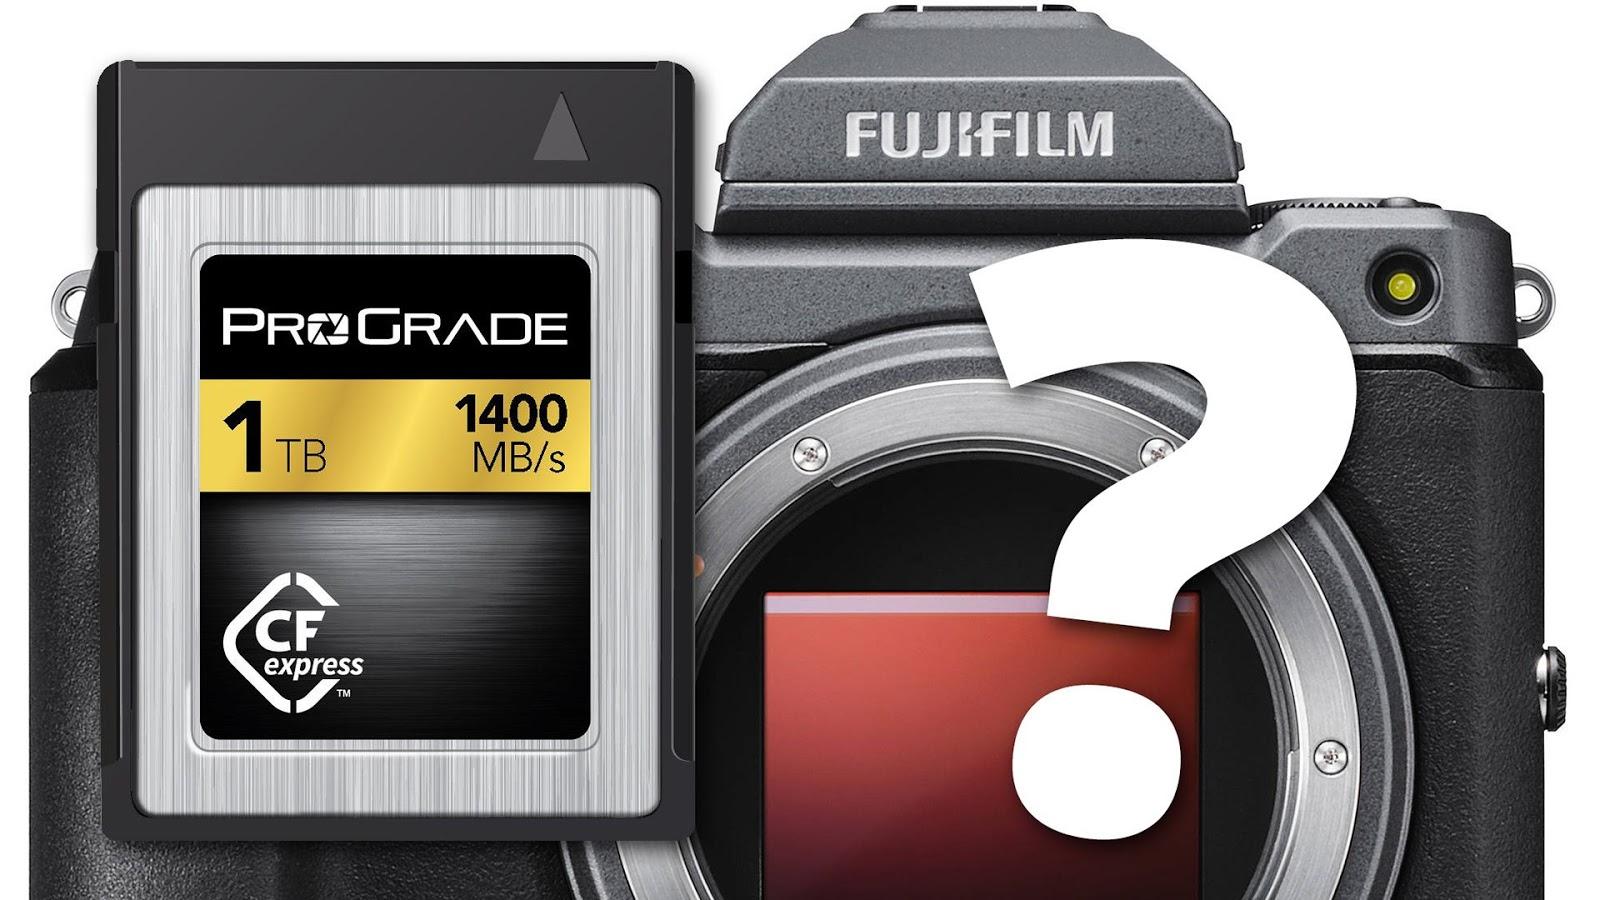 Камера Fujifilm не использует карты памяти CFexpress